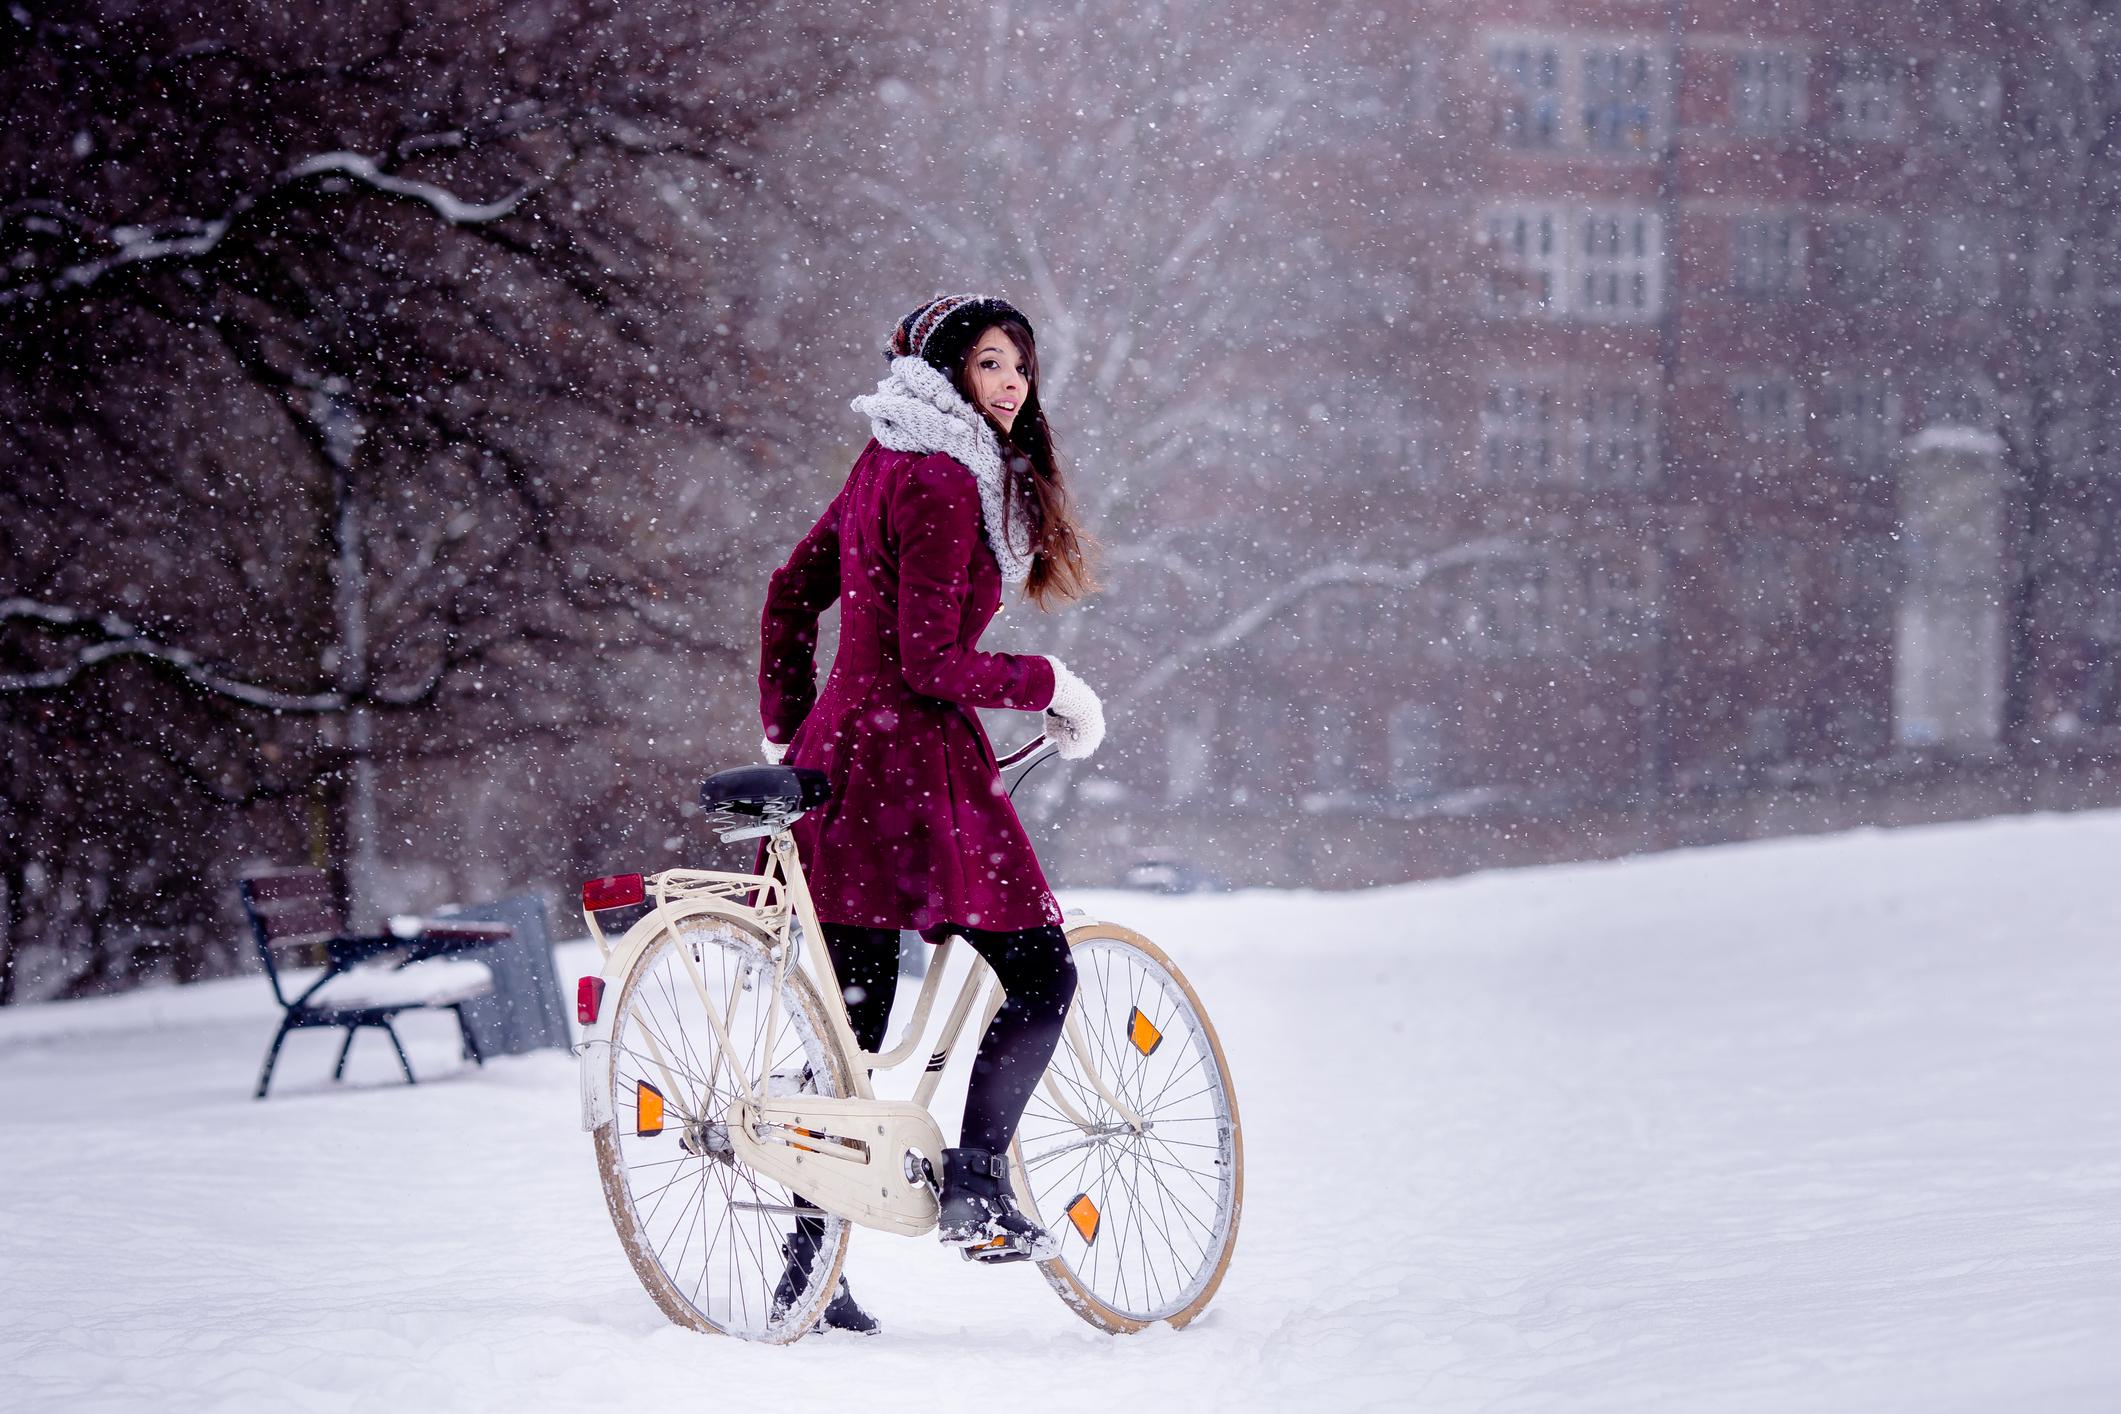 L'équipement nécessaire pour faire du vélo en hiver